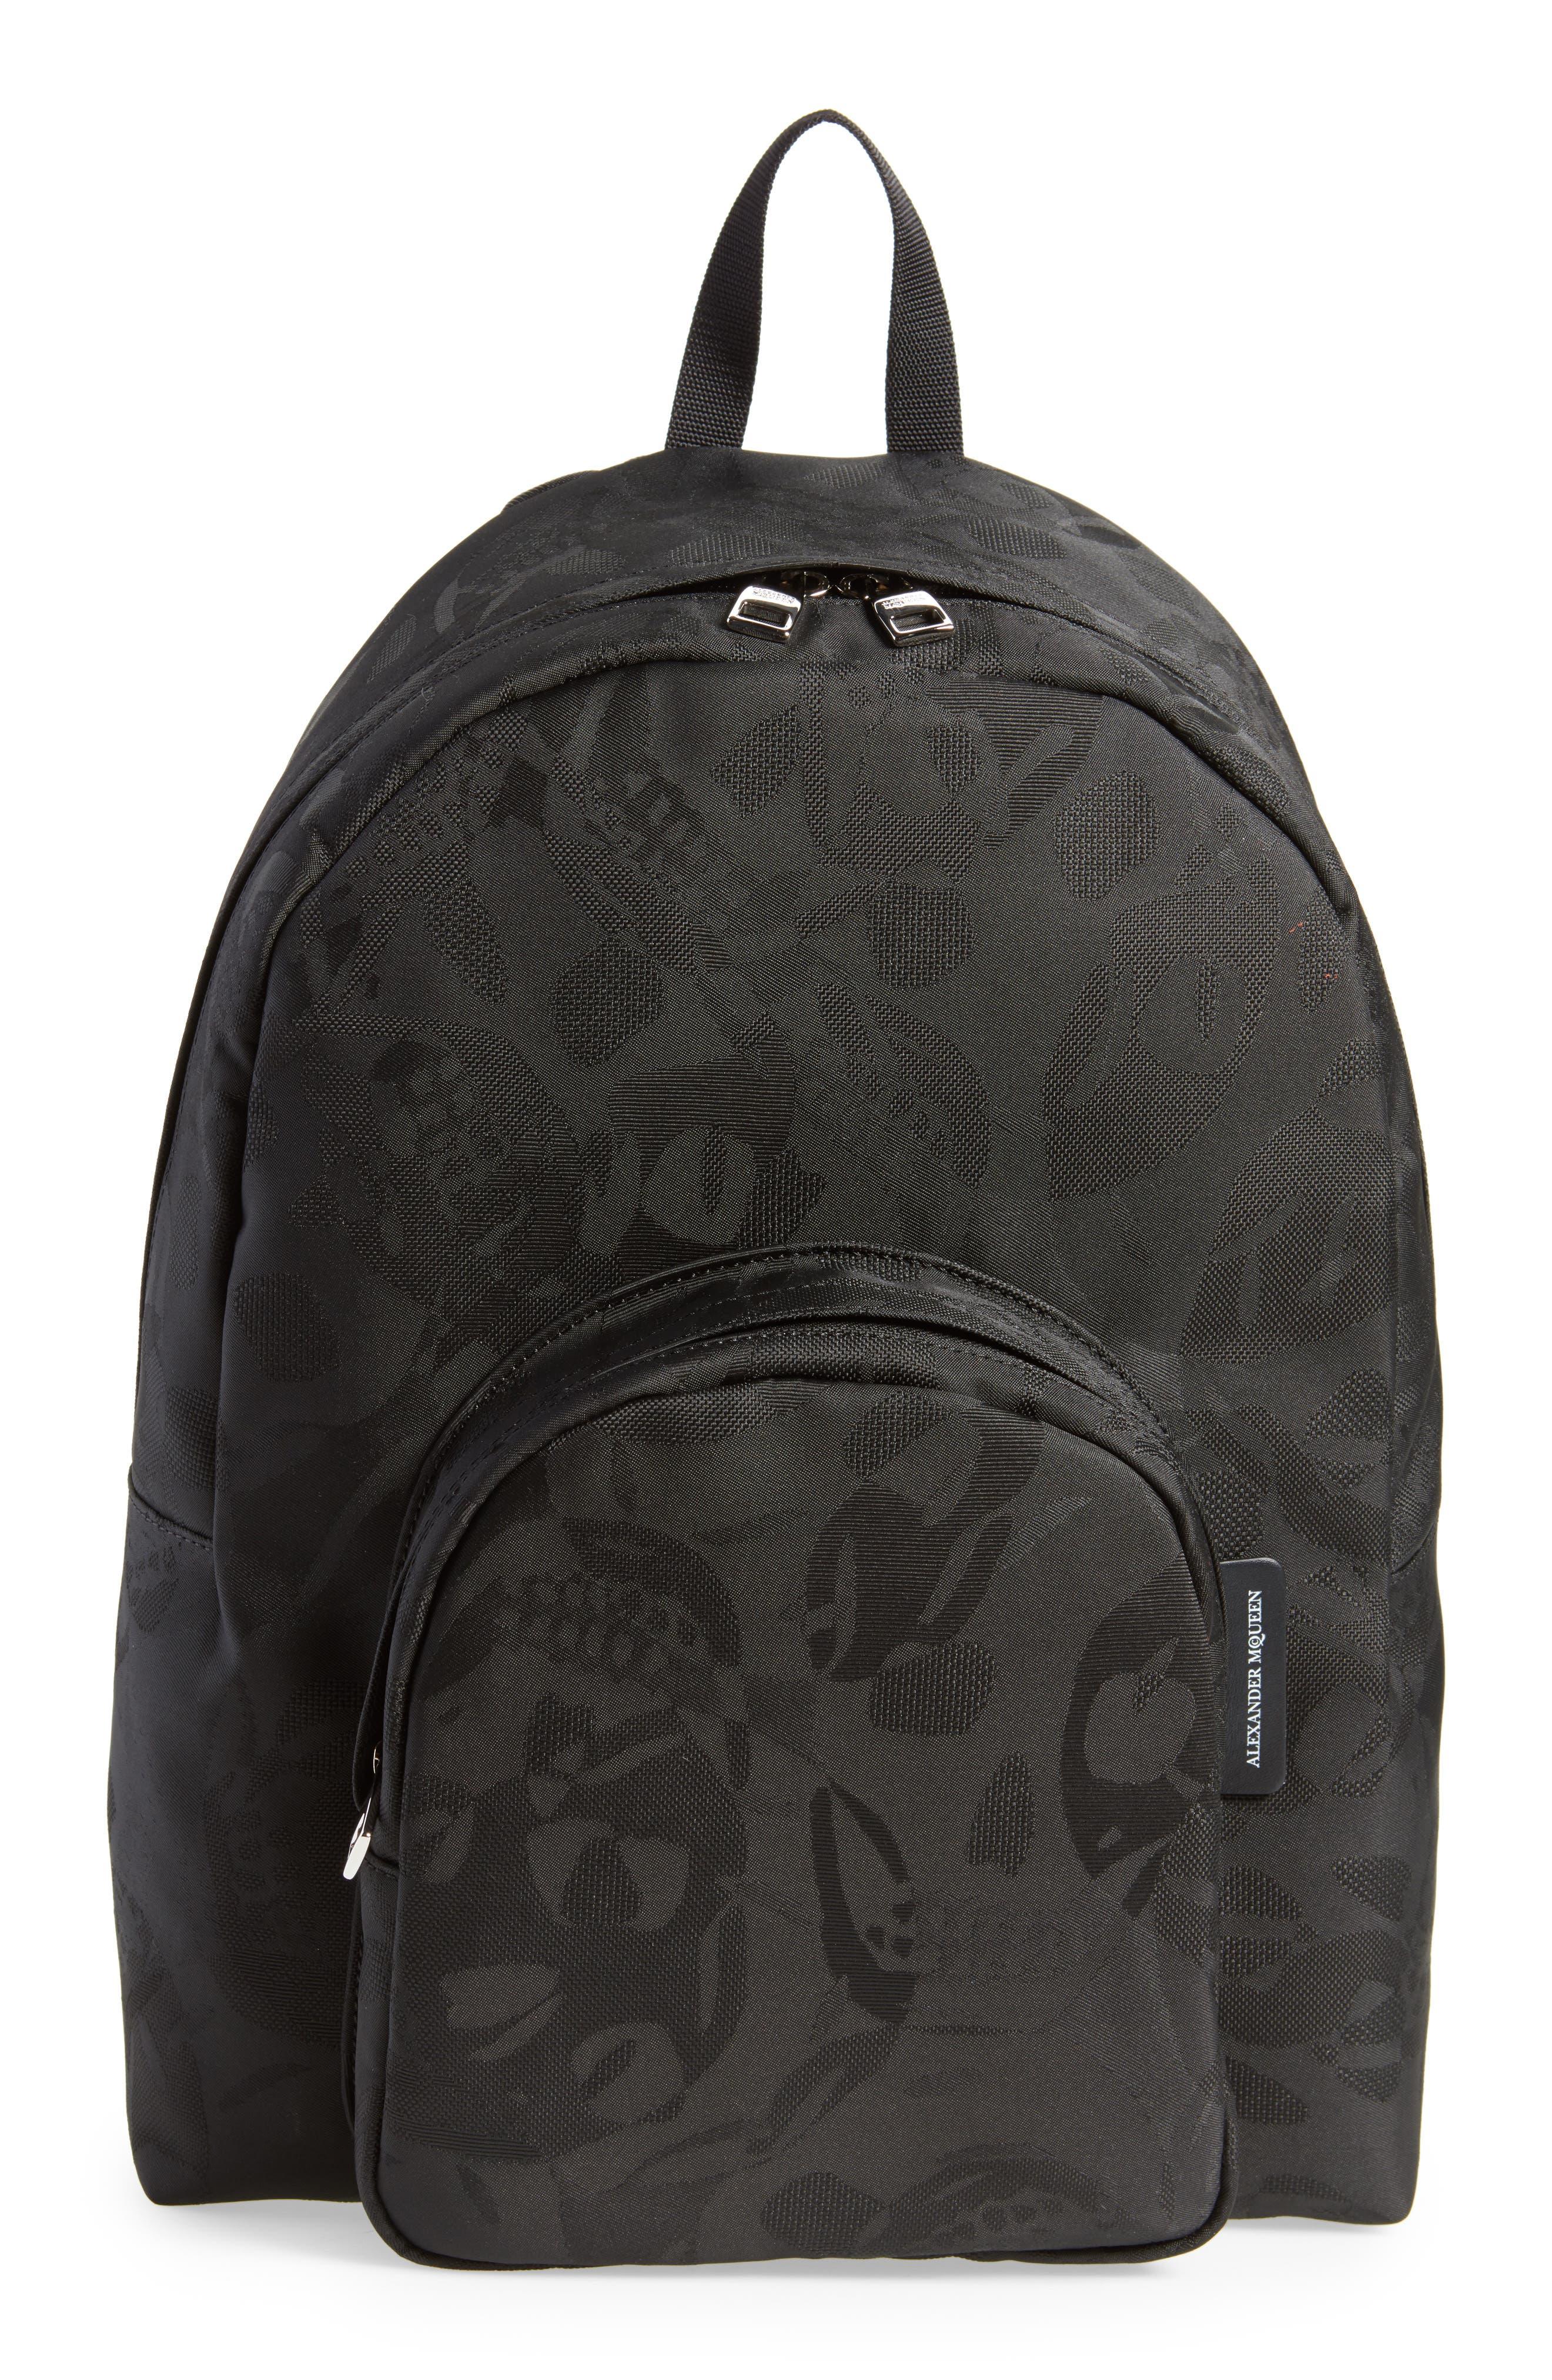 Small Backpack,                             Main thumbnail 1, color,                             Black